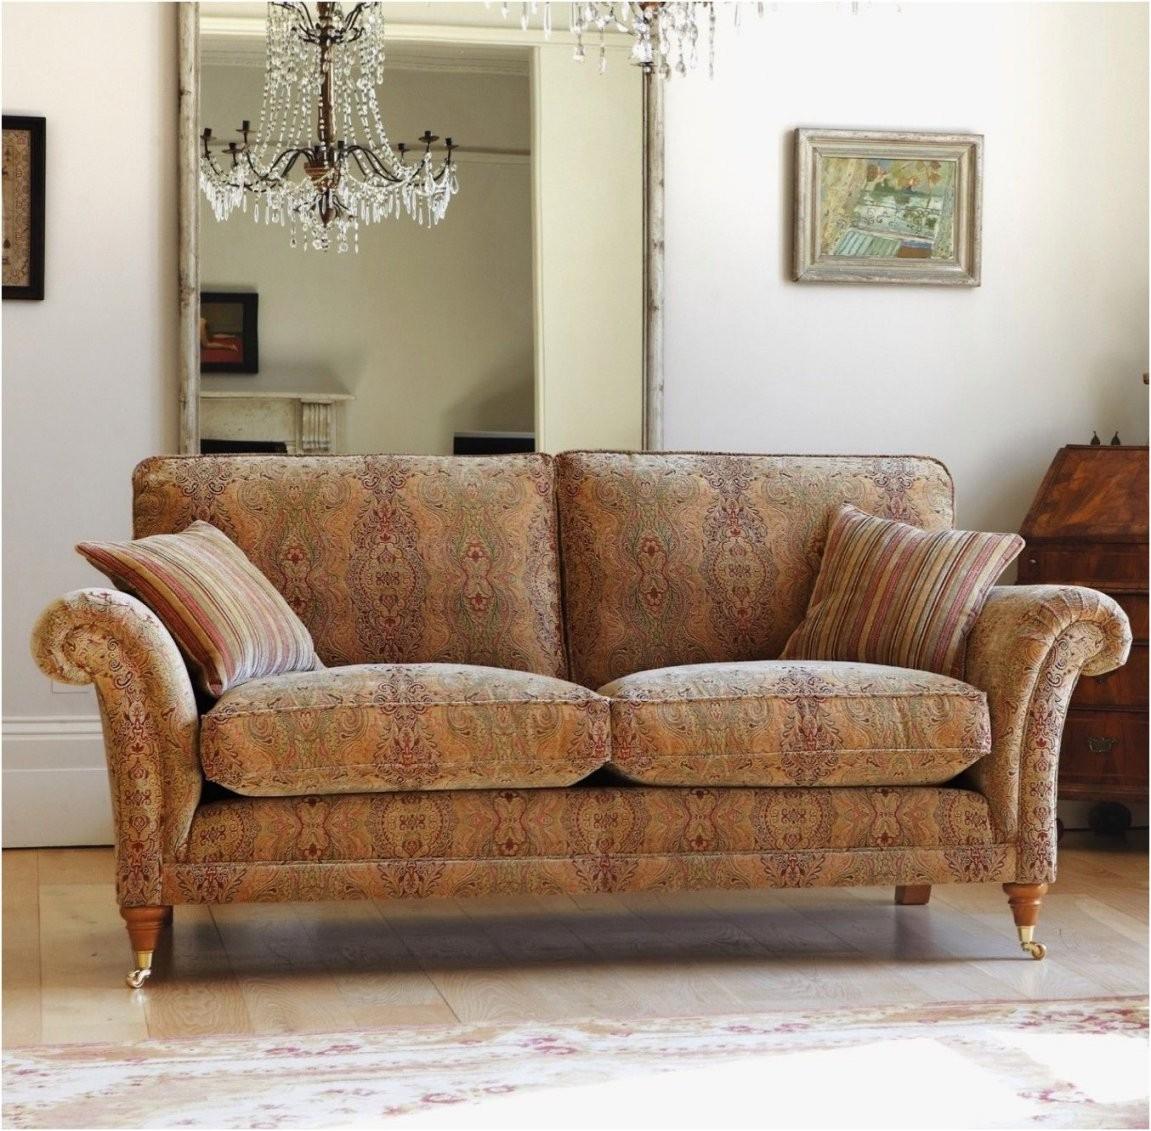 Einnehmend Sofa Landhausstil Mit Schlaffunktion Couch Otto Schweiz von Sofa Landhausstil Schweiz Bild